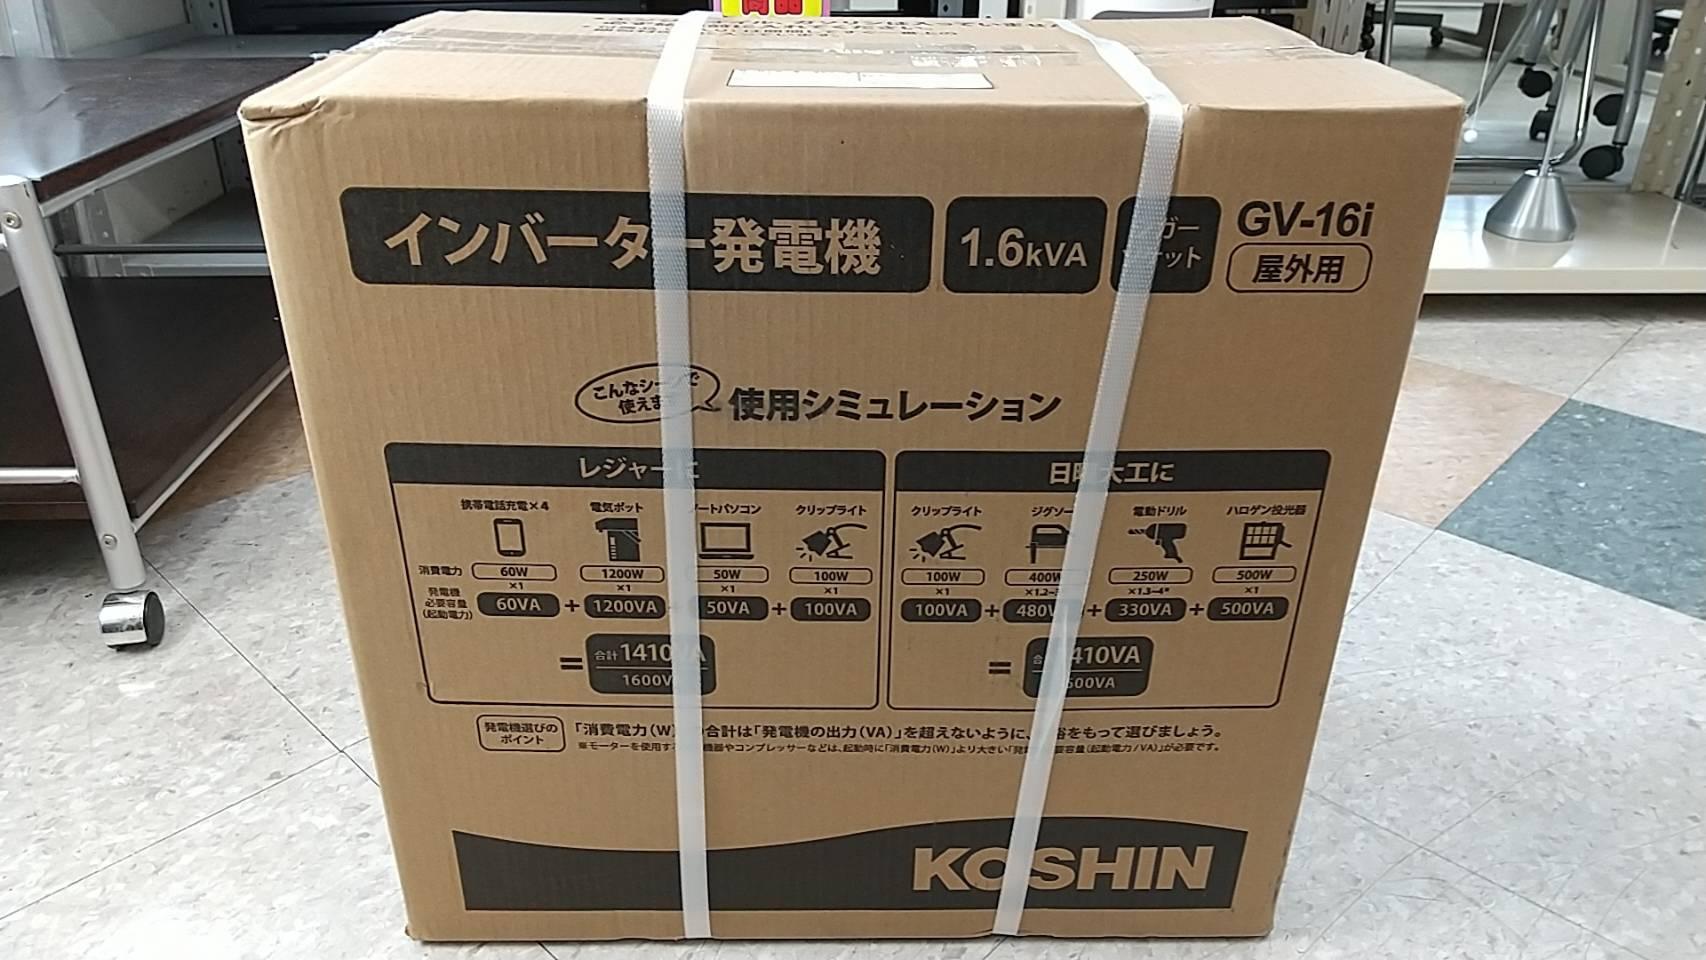 【新品!!工進 インバーター発電機 (定格出力1.6kVA) GV-16i】を買取致しました!!の買取-